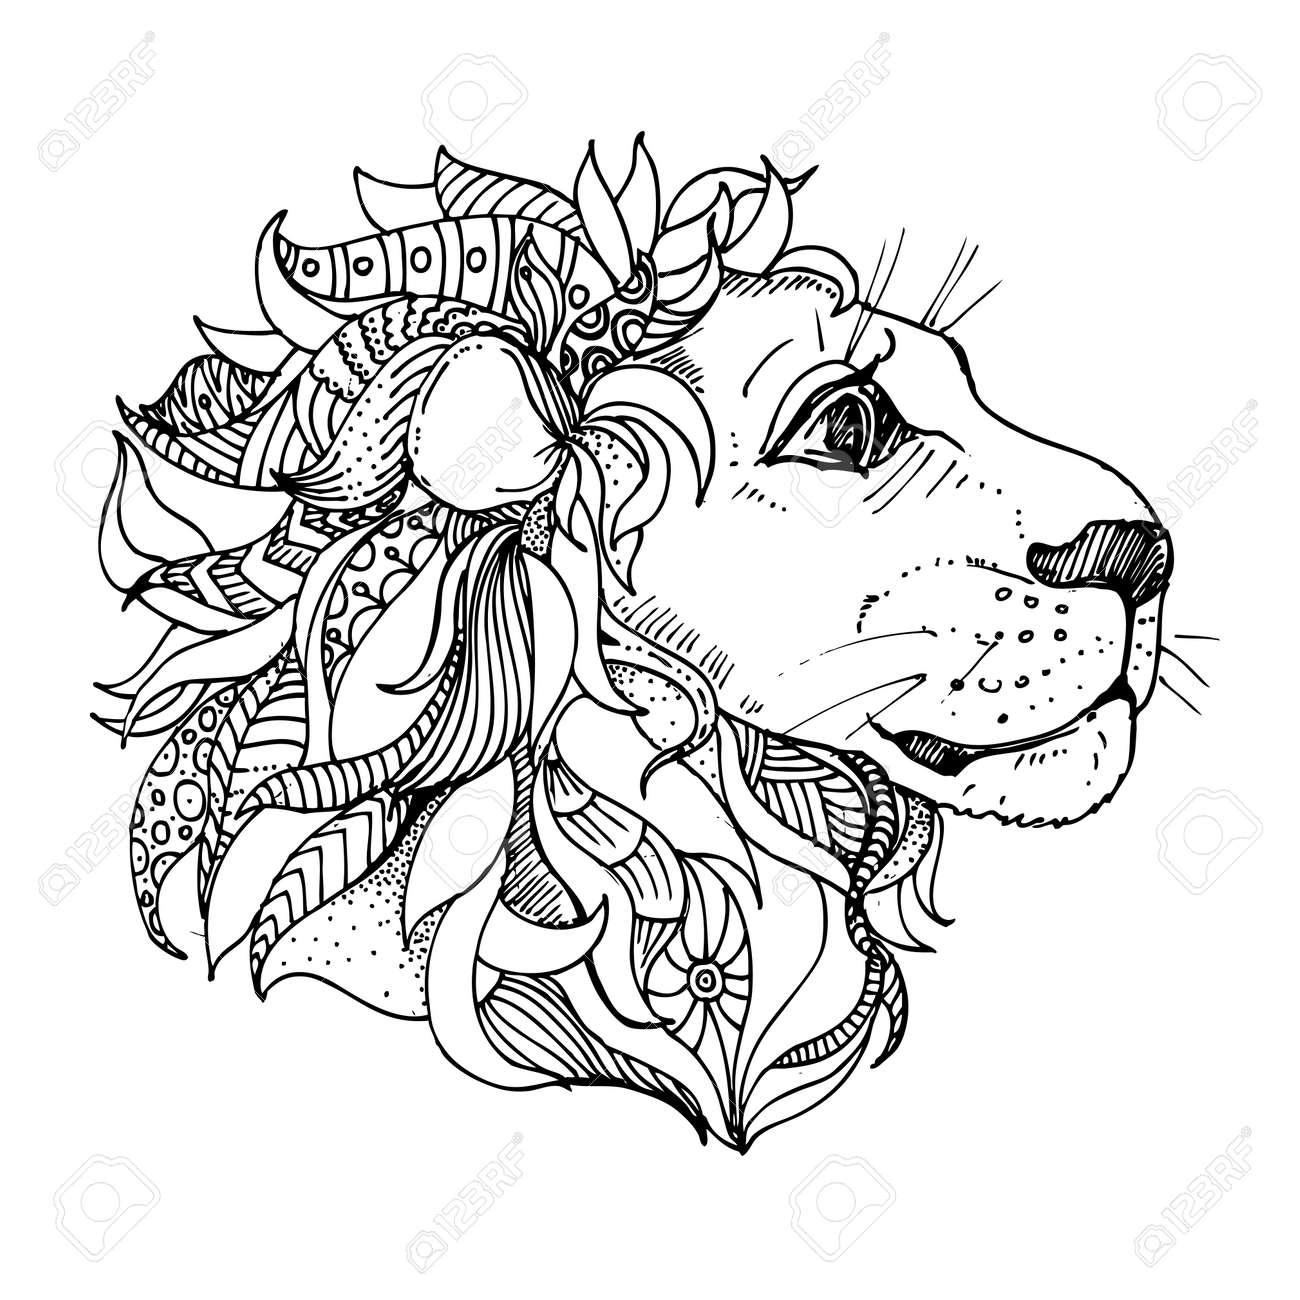 Tiré Par La Main Doodle D Encre Lion Sur Fond Blanc Coloriage Zendala La Conception Pour Les Adultes Affiche Impression T Shirt Invitation